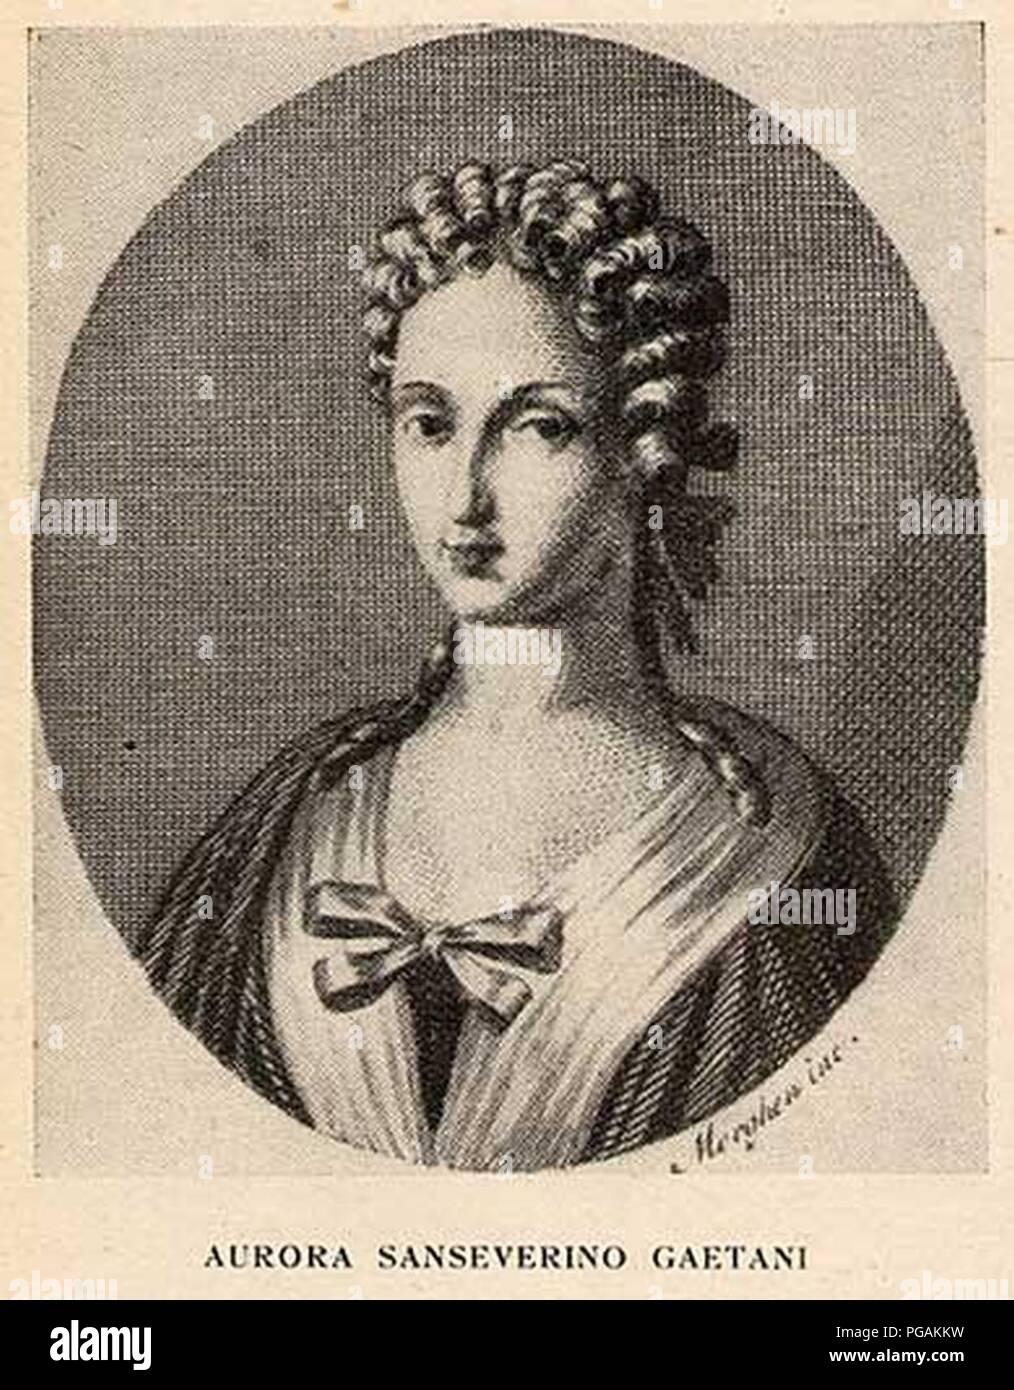 Aurora Sanseverino Gaetani. Stock Photo